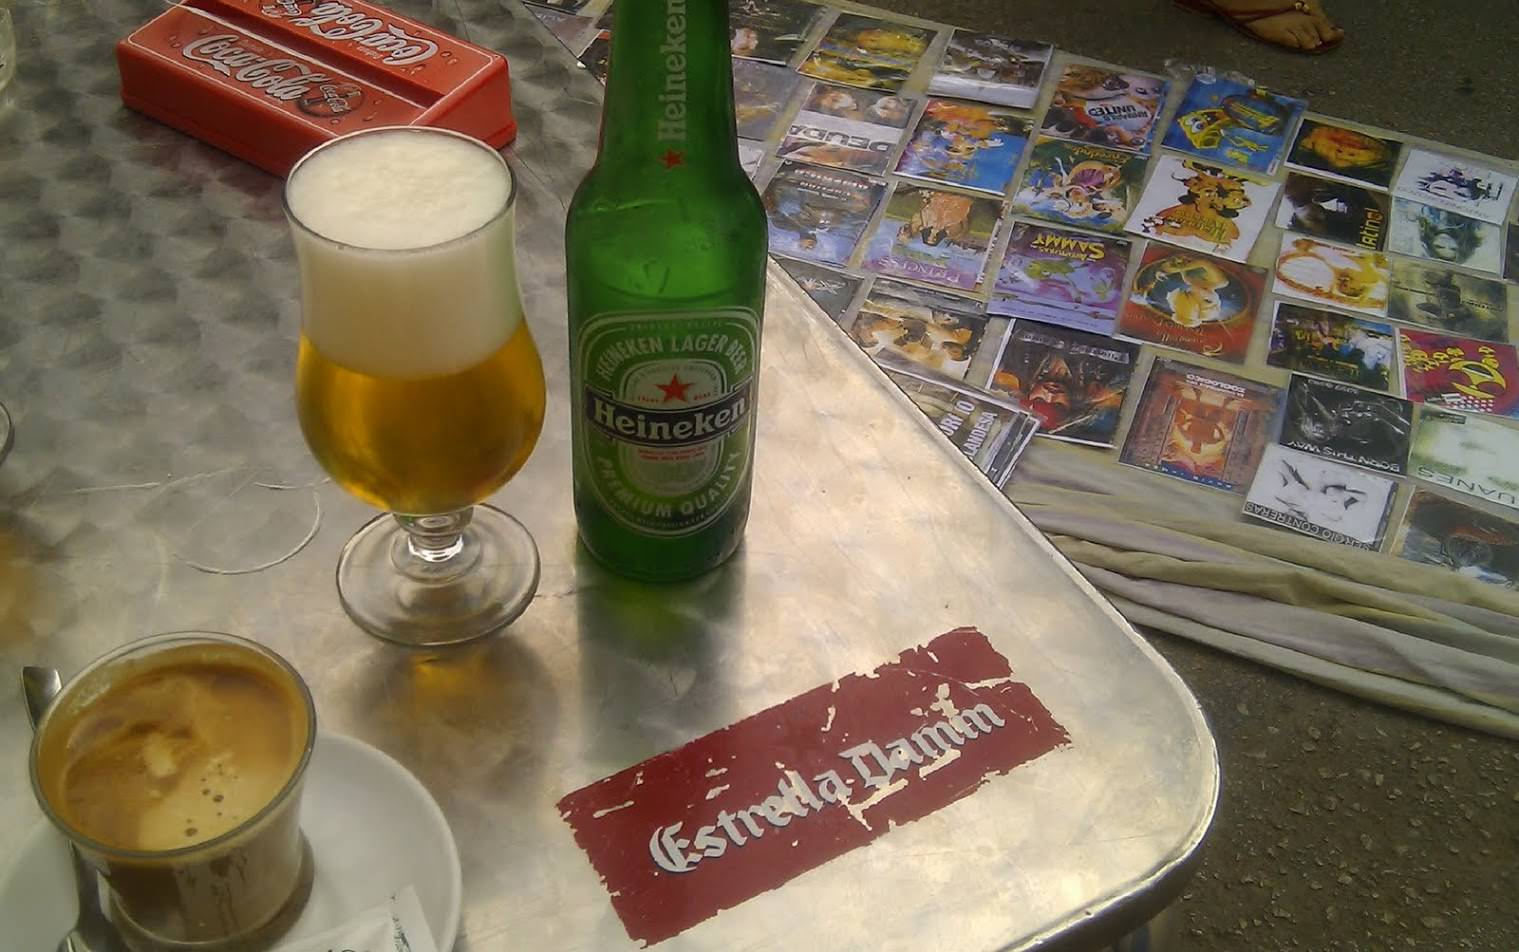 Ein Bier und Filme